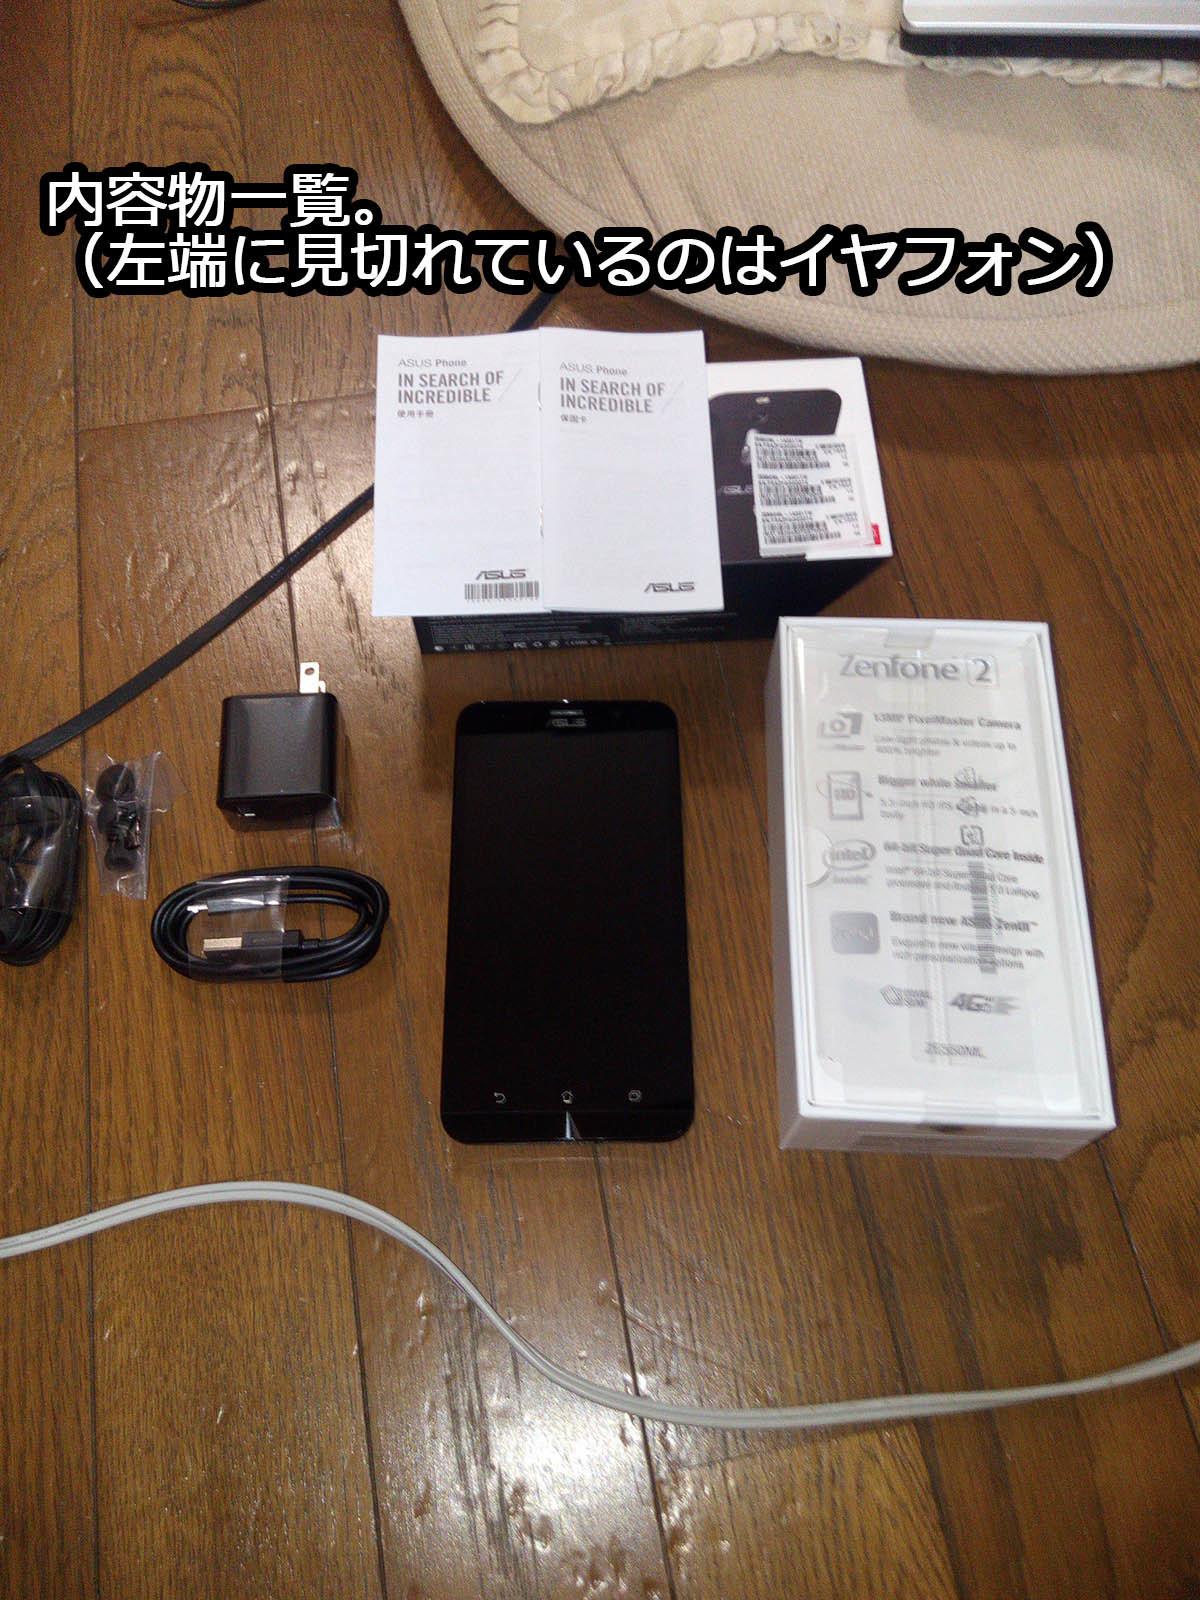 Zenfone2(ZE550ML)関係